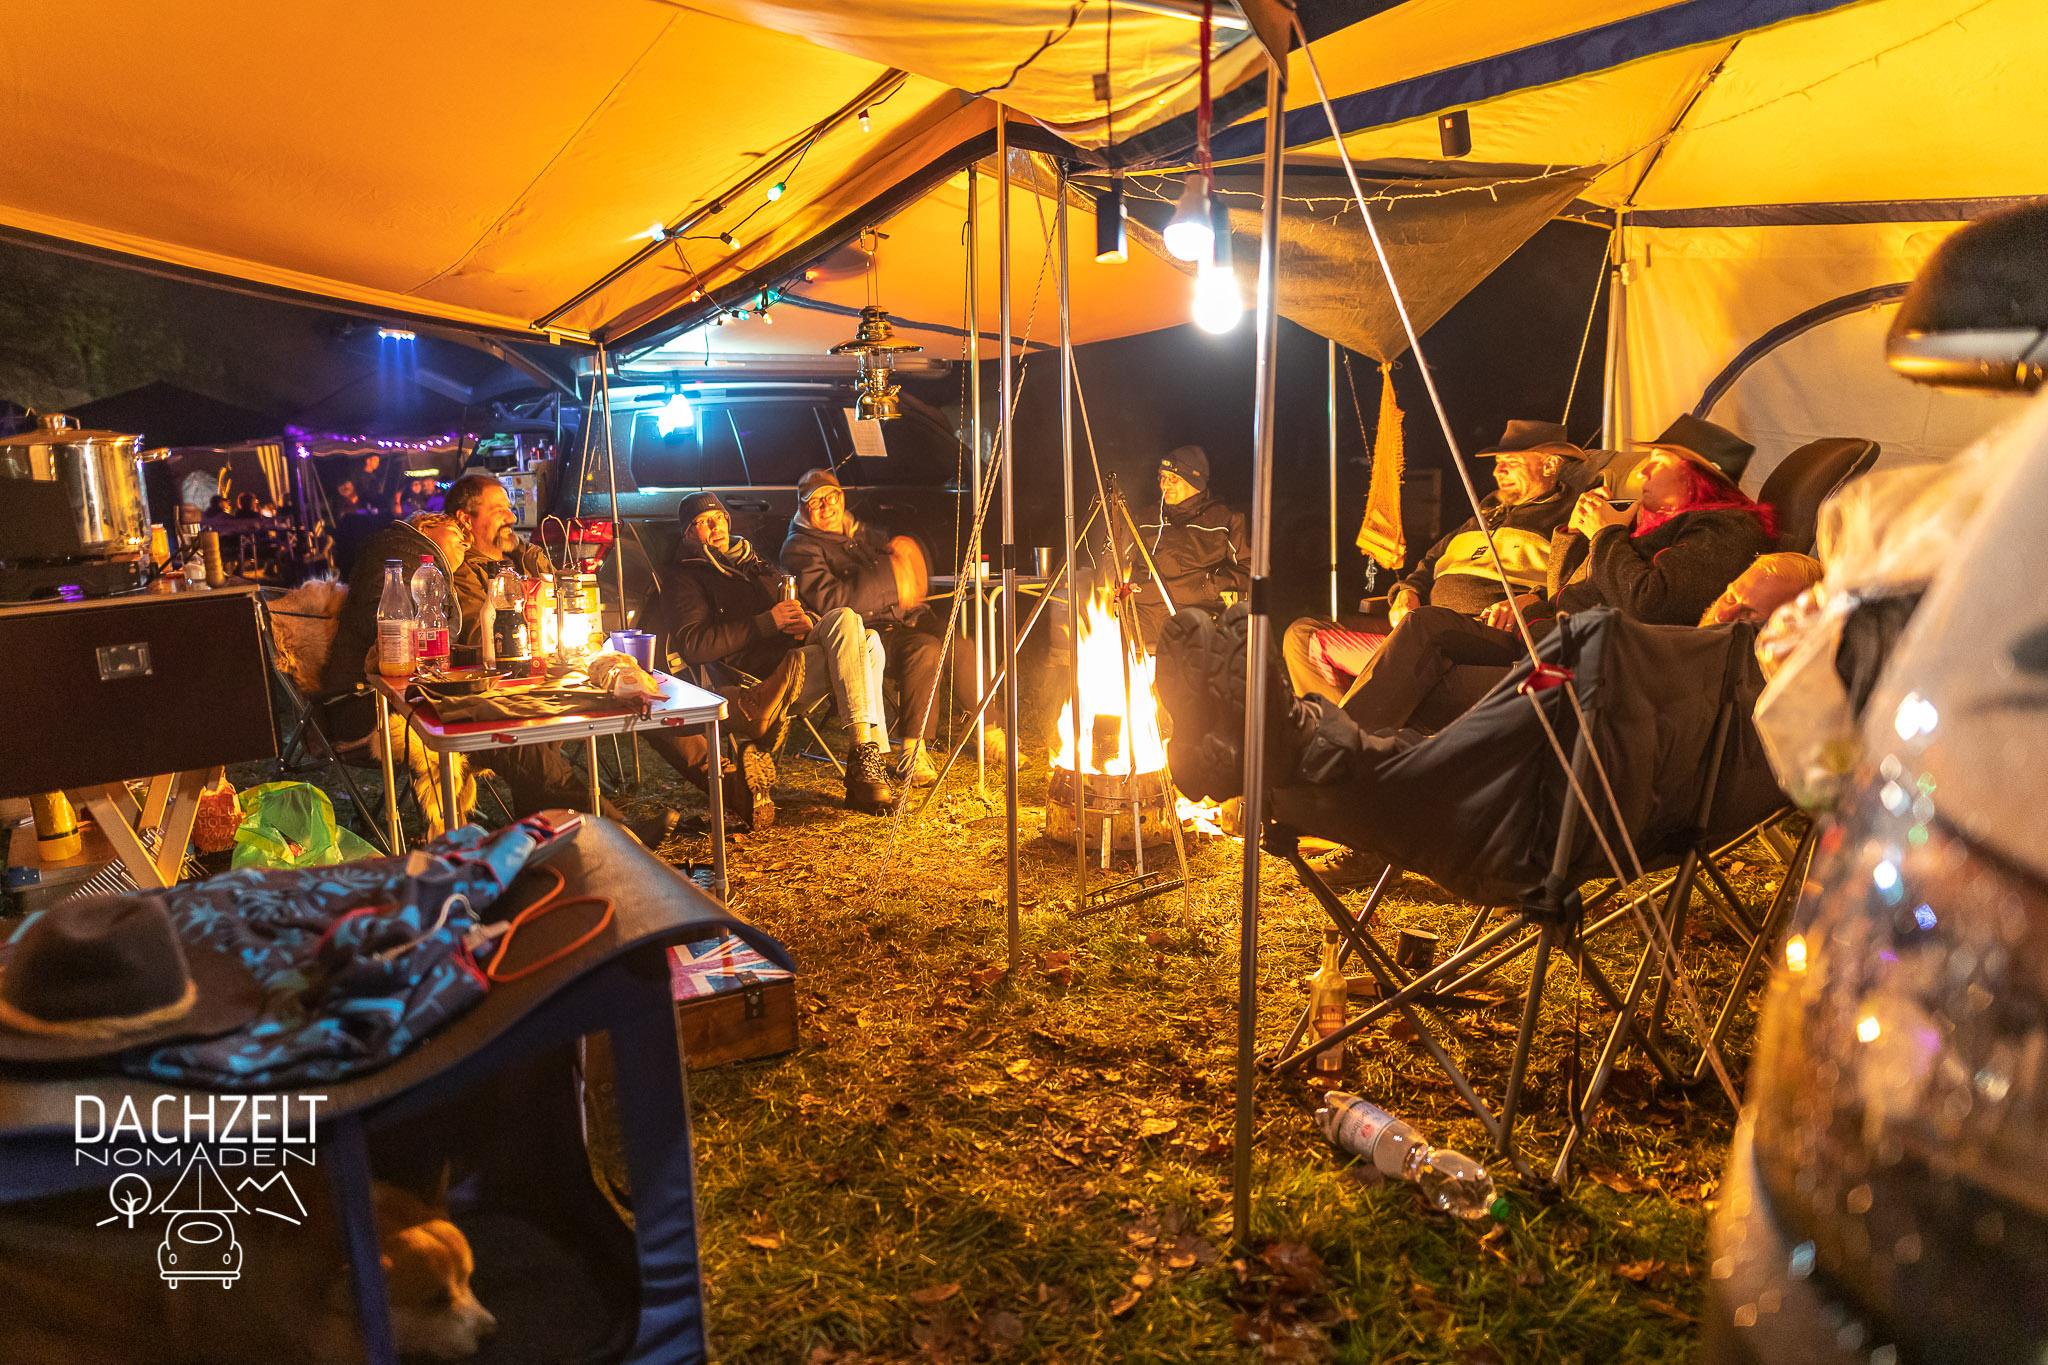 20191102-Dachzelt-Meetup-Bremen-Dennis-Brandt DB 1138-2